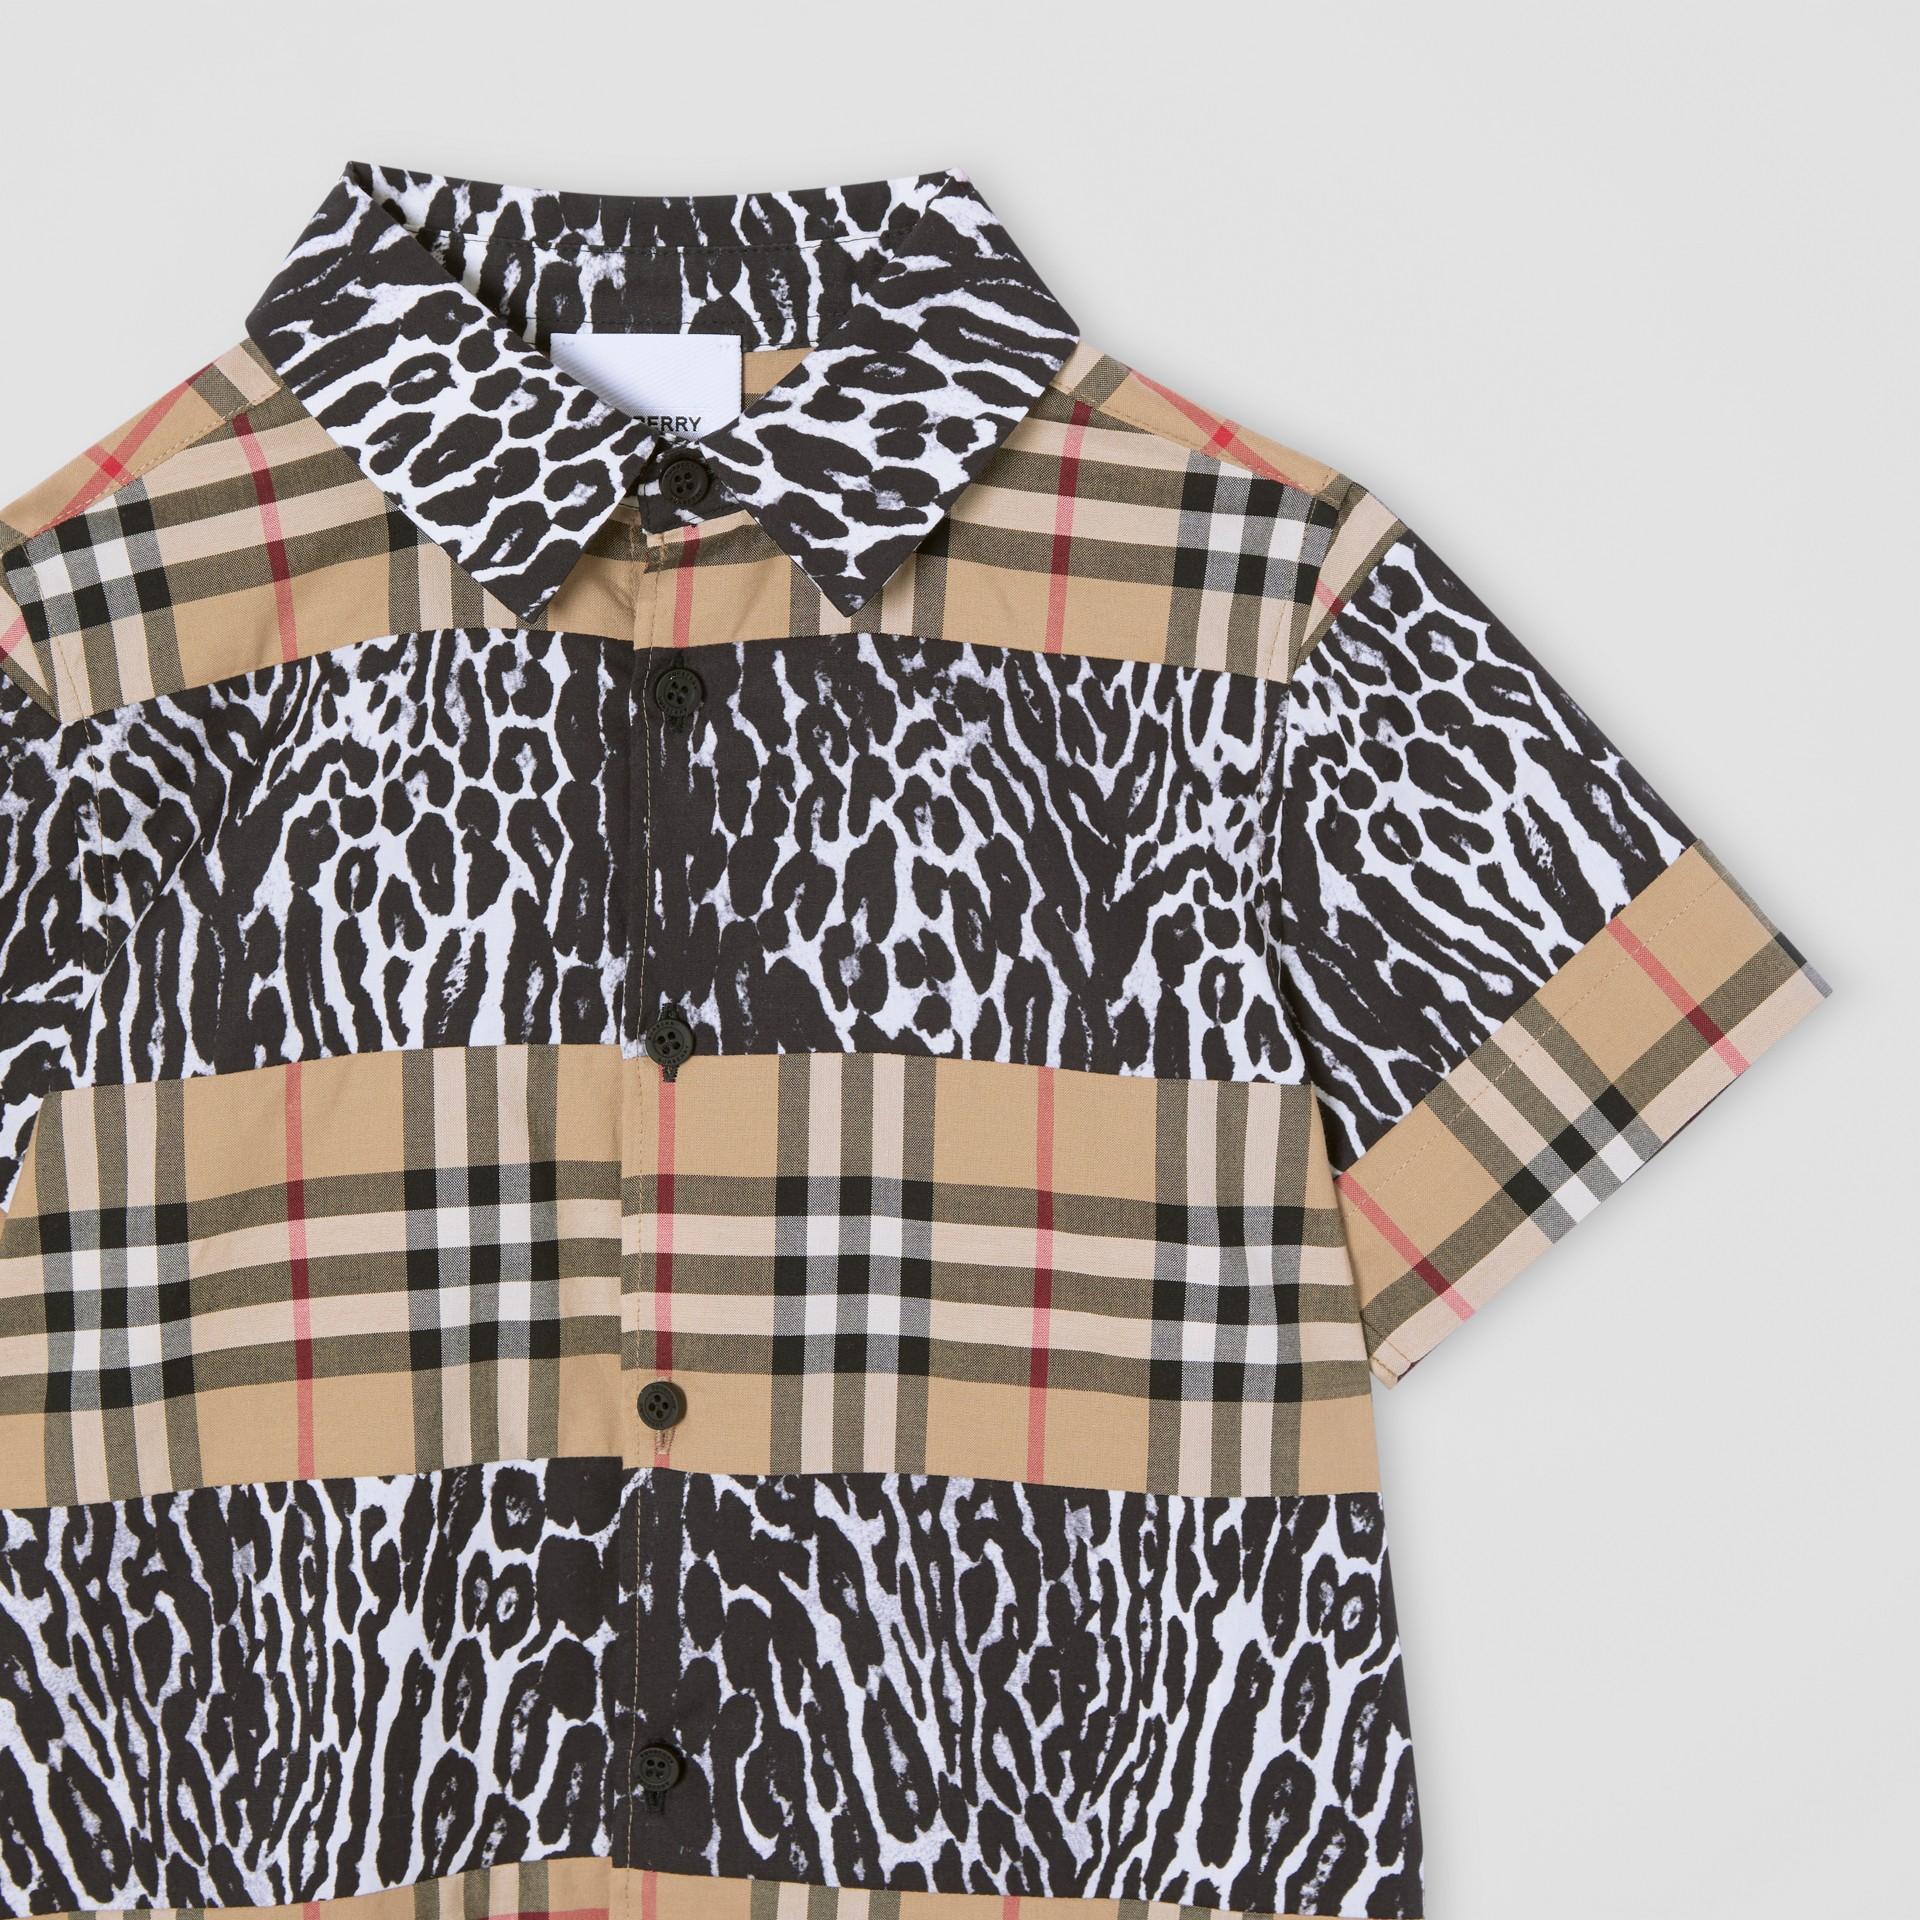 Camicia a maniche corte con motivo Vintage check e stampa leopardata (Beige Archivio) | Burberry - immagine della galleria 4